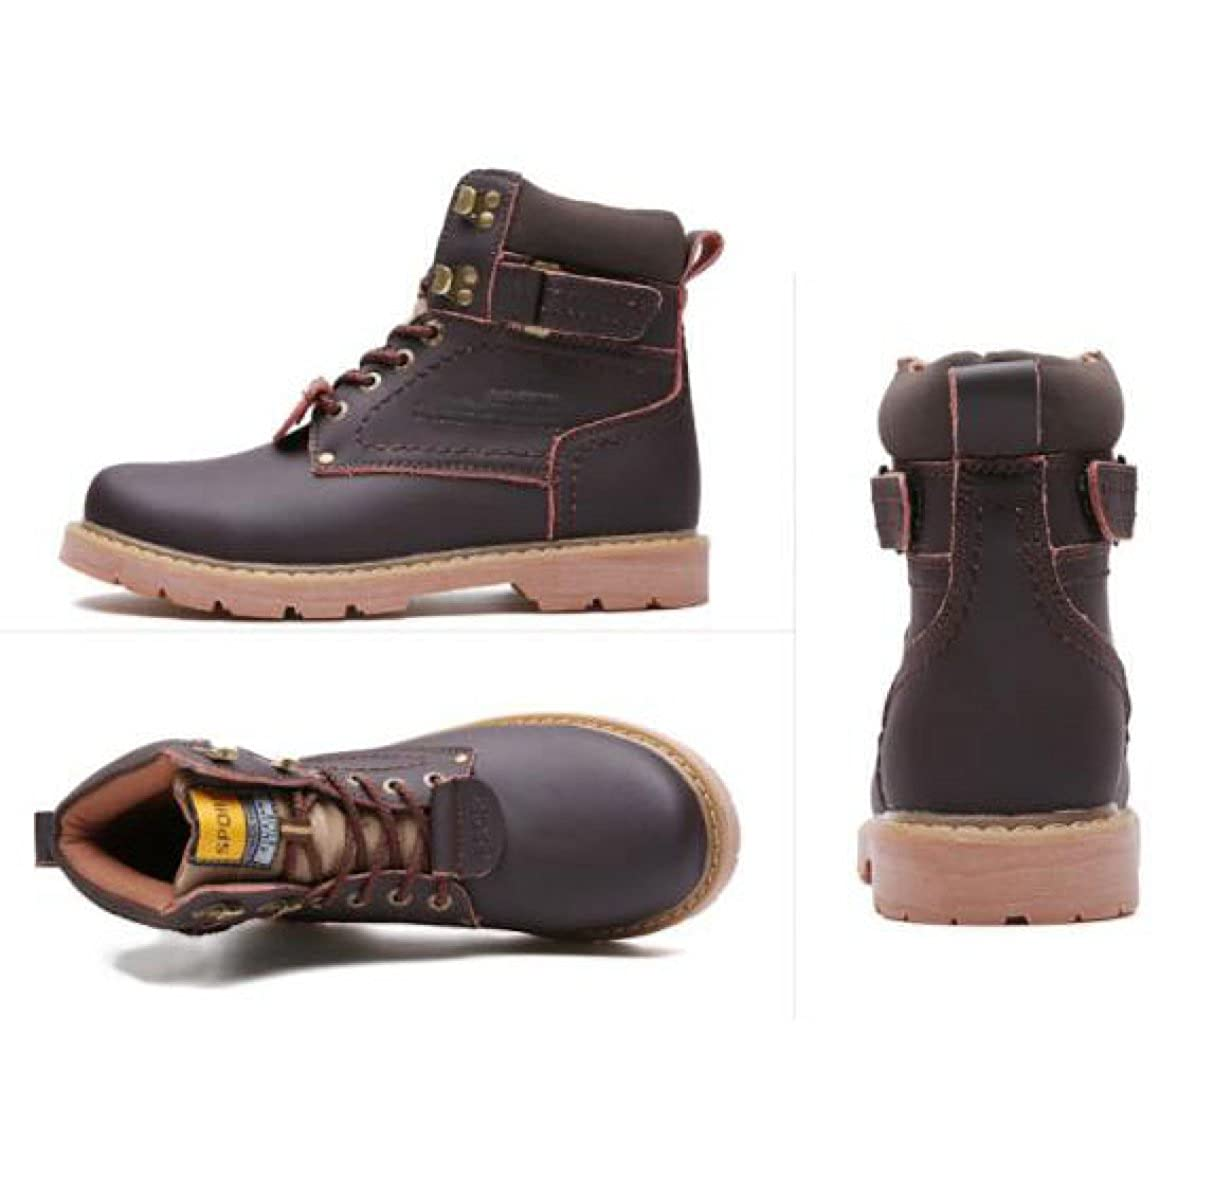 Winter Lederstiefel England Martin Stiefel Lässige Stiefel Stiefel Runden Kopf Retro Stiefel Lässige Mode Beliebte Stiefel schwarzCotton 688875